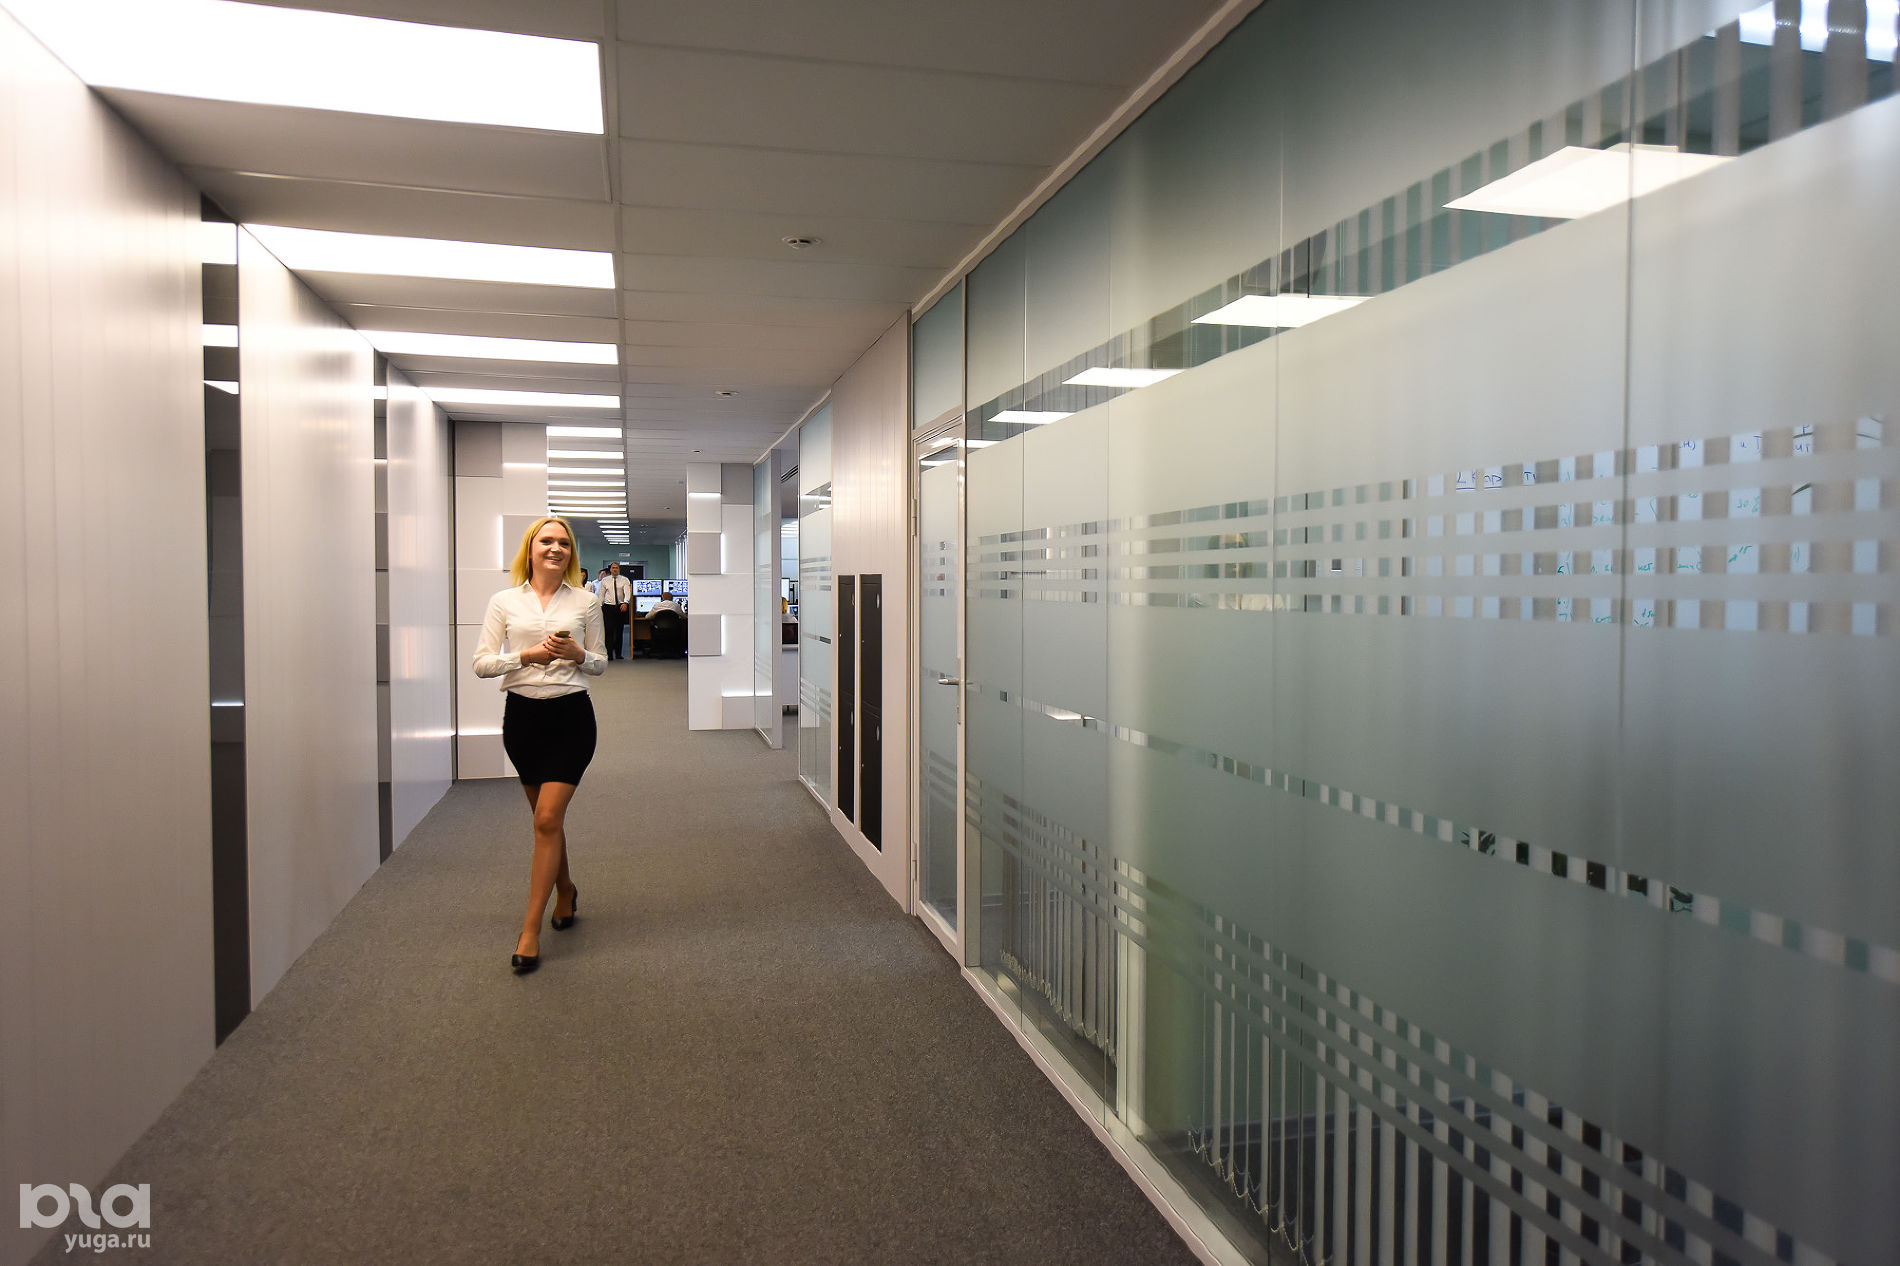 Головной офис компании «Магнит». Холл Центра управления процессами ©Фото Елены Синеок, Юга.ру